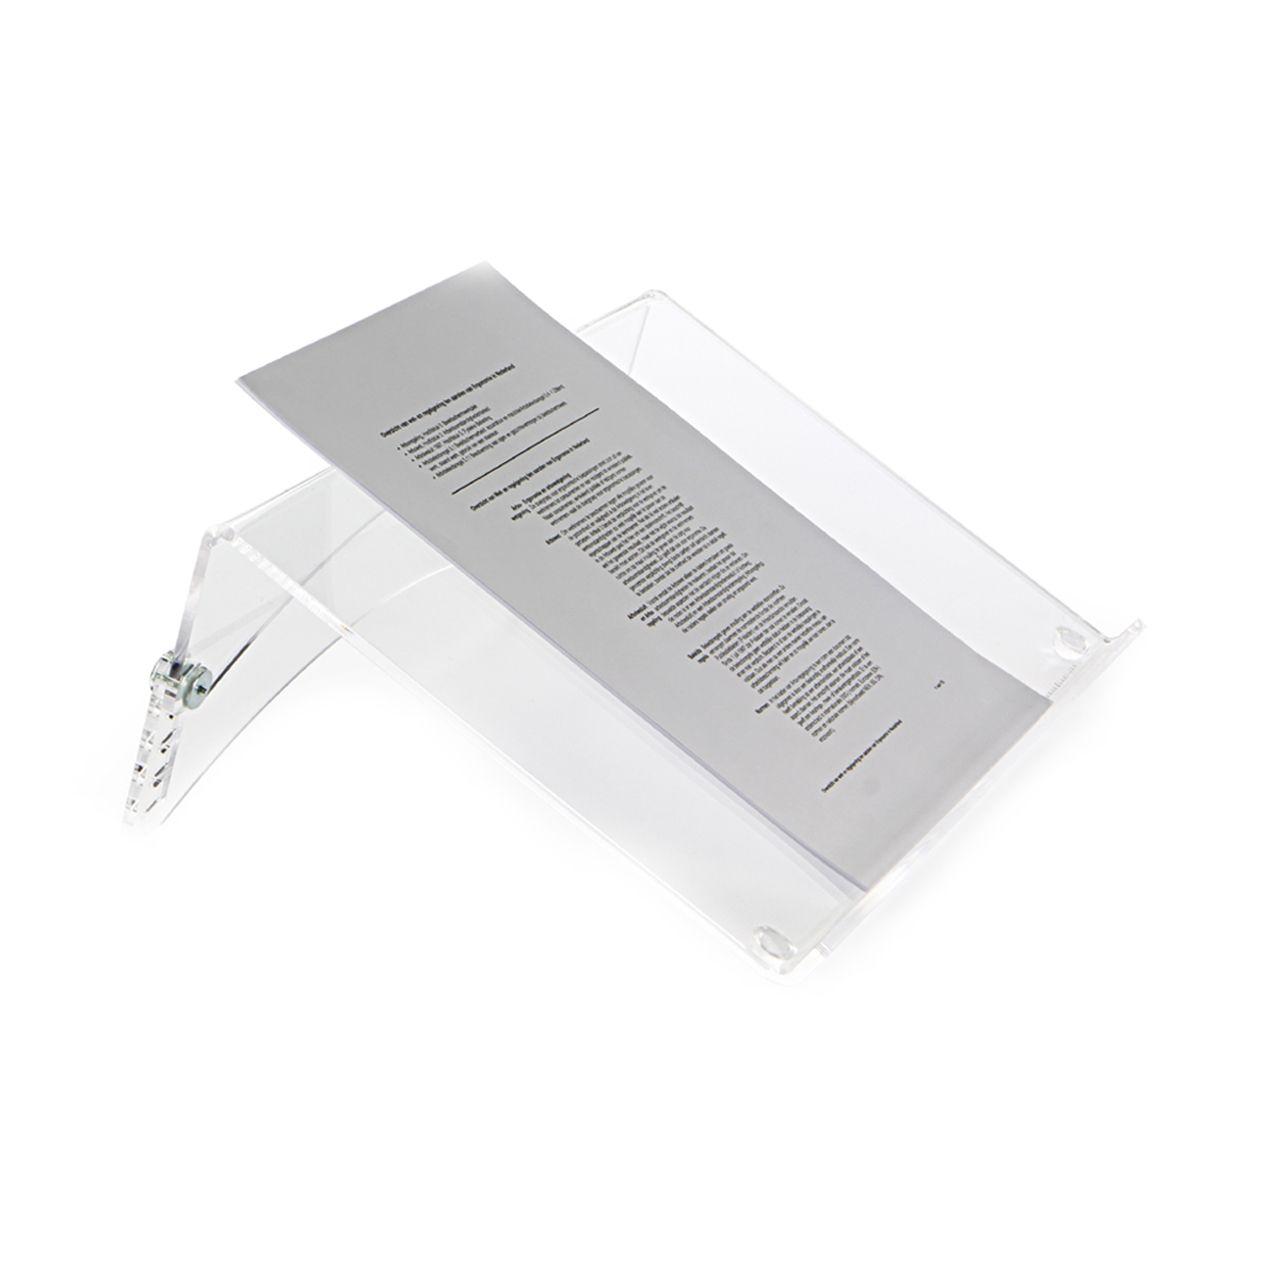 Flexdesk helder documentenhouder ERKAFDH42 0000 Zijkant